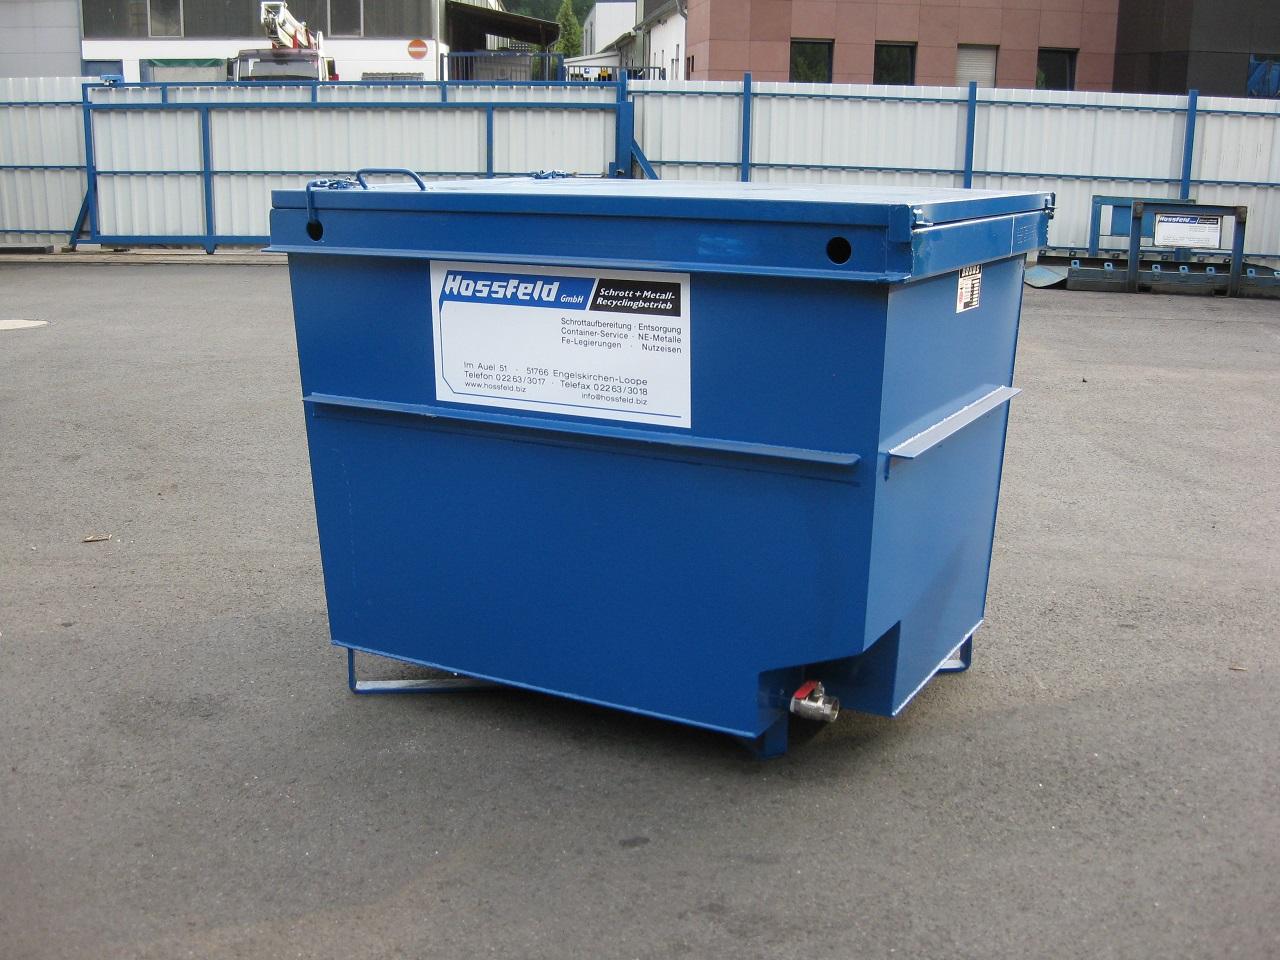 Transportkiste mit Deckel | Hossfeld GmbH in Engelskirchen